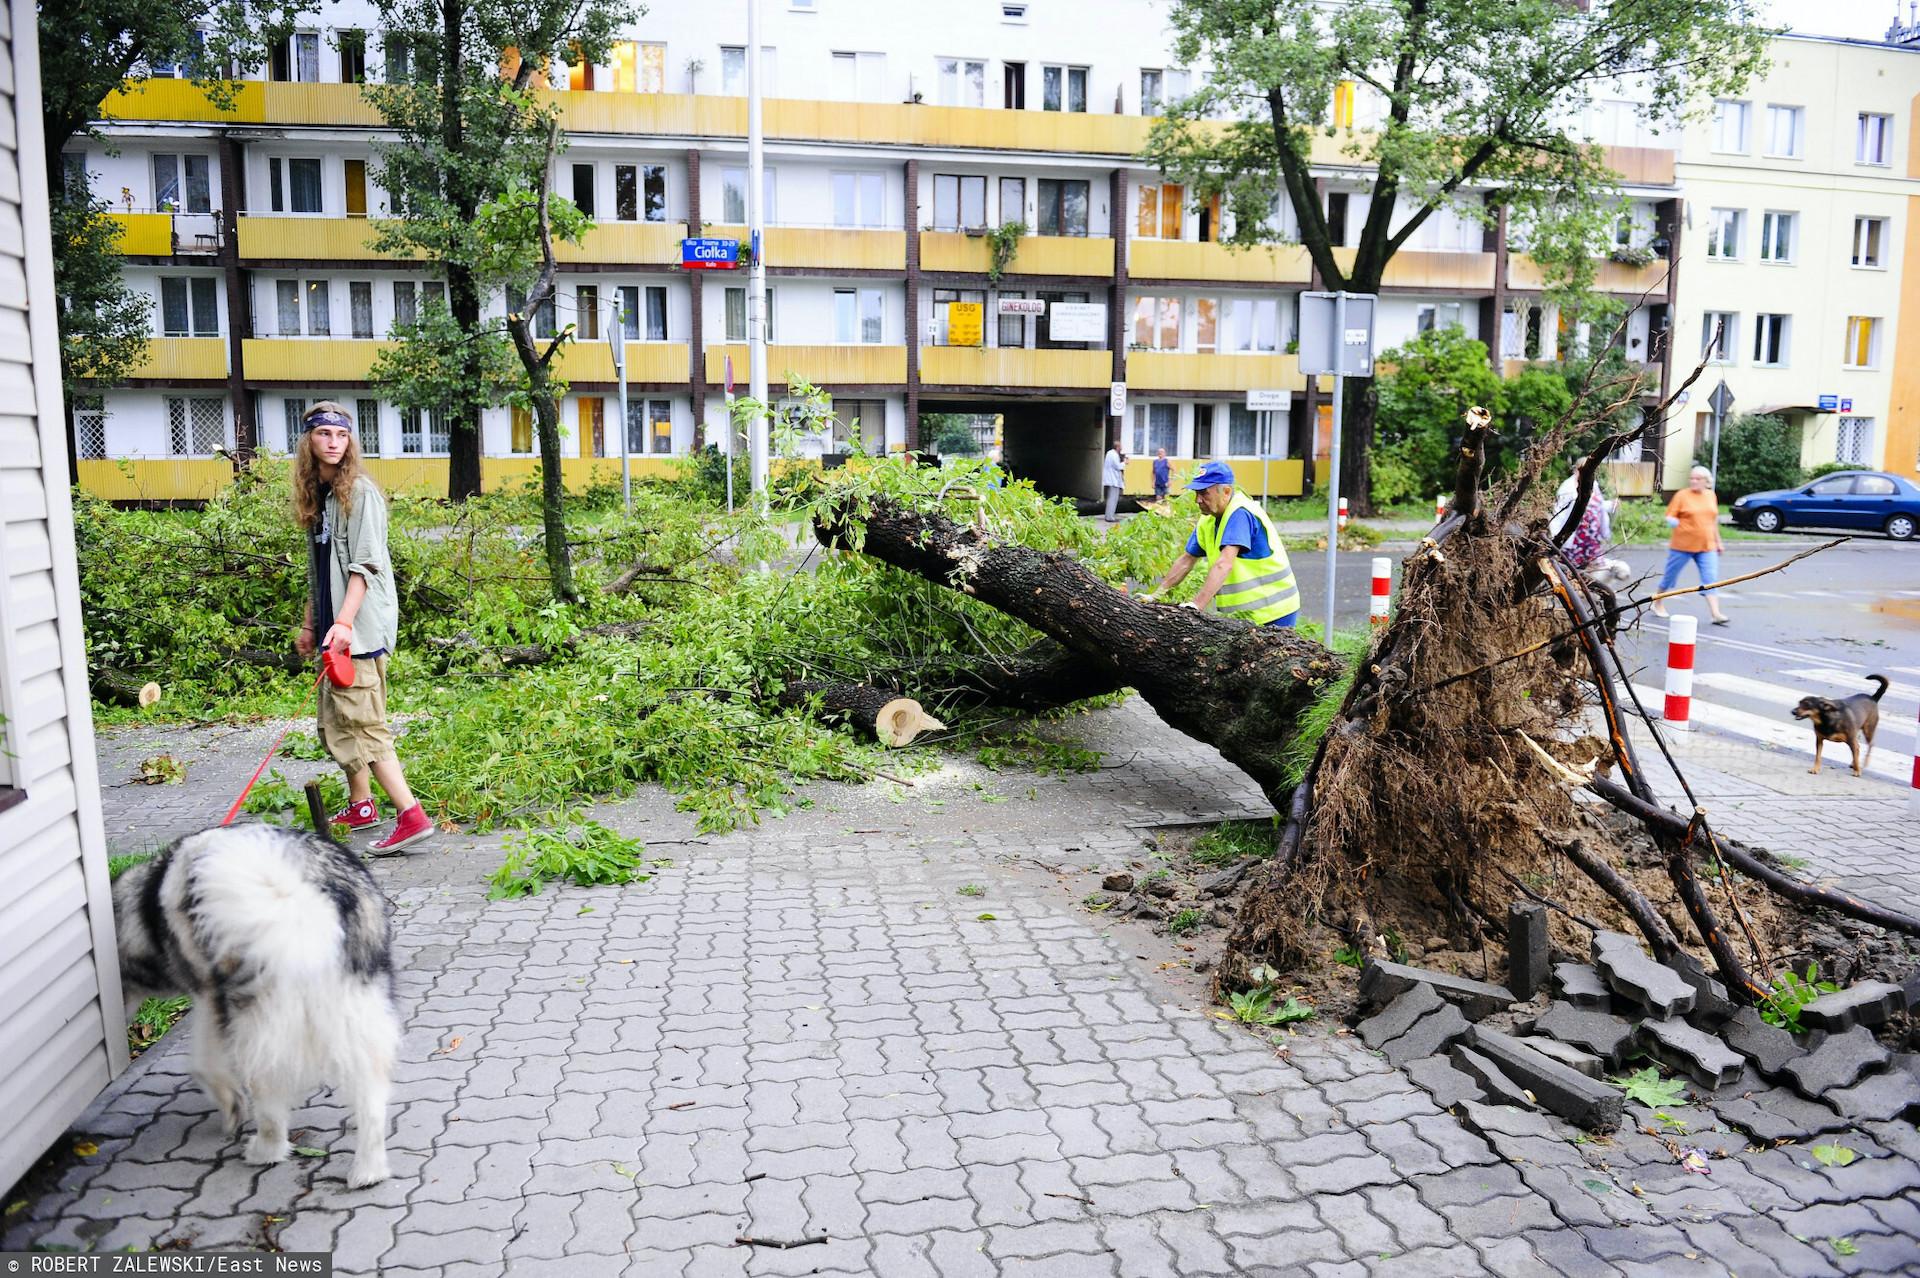 Nad Warszawę dotarła gwałtowna burza